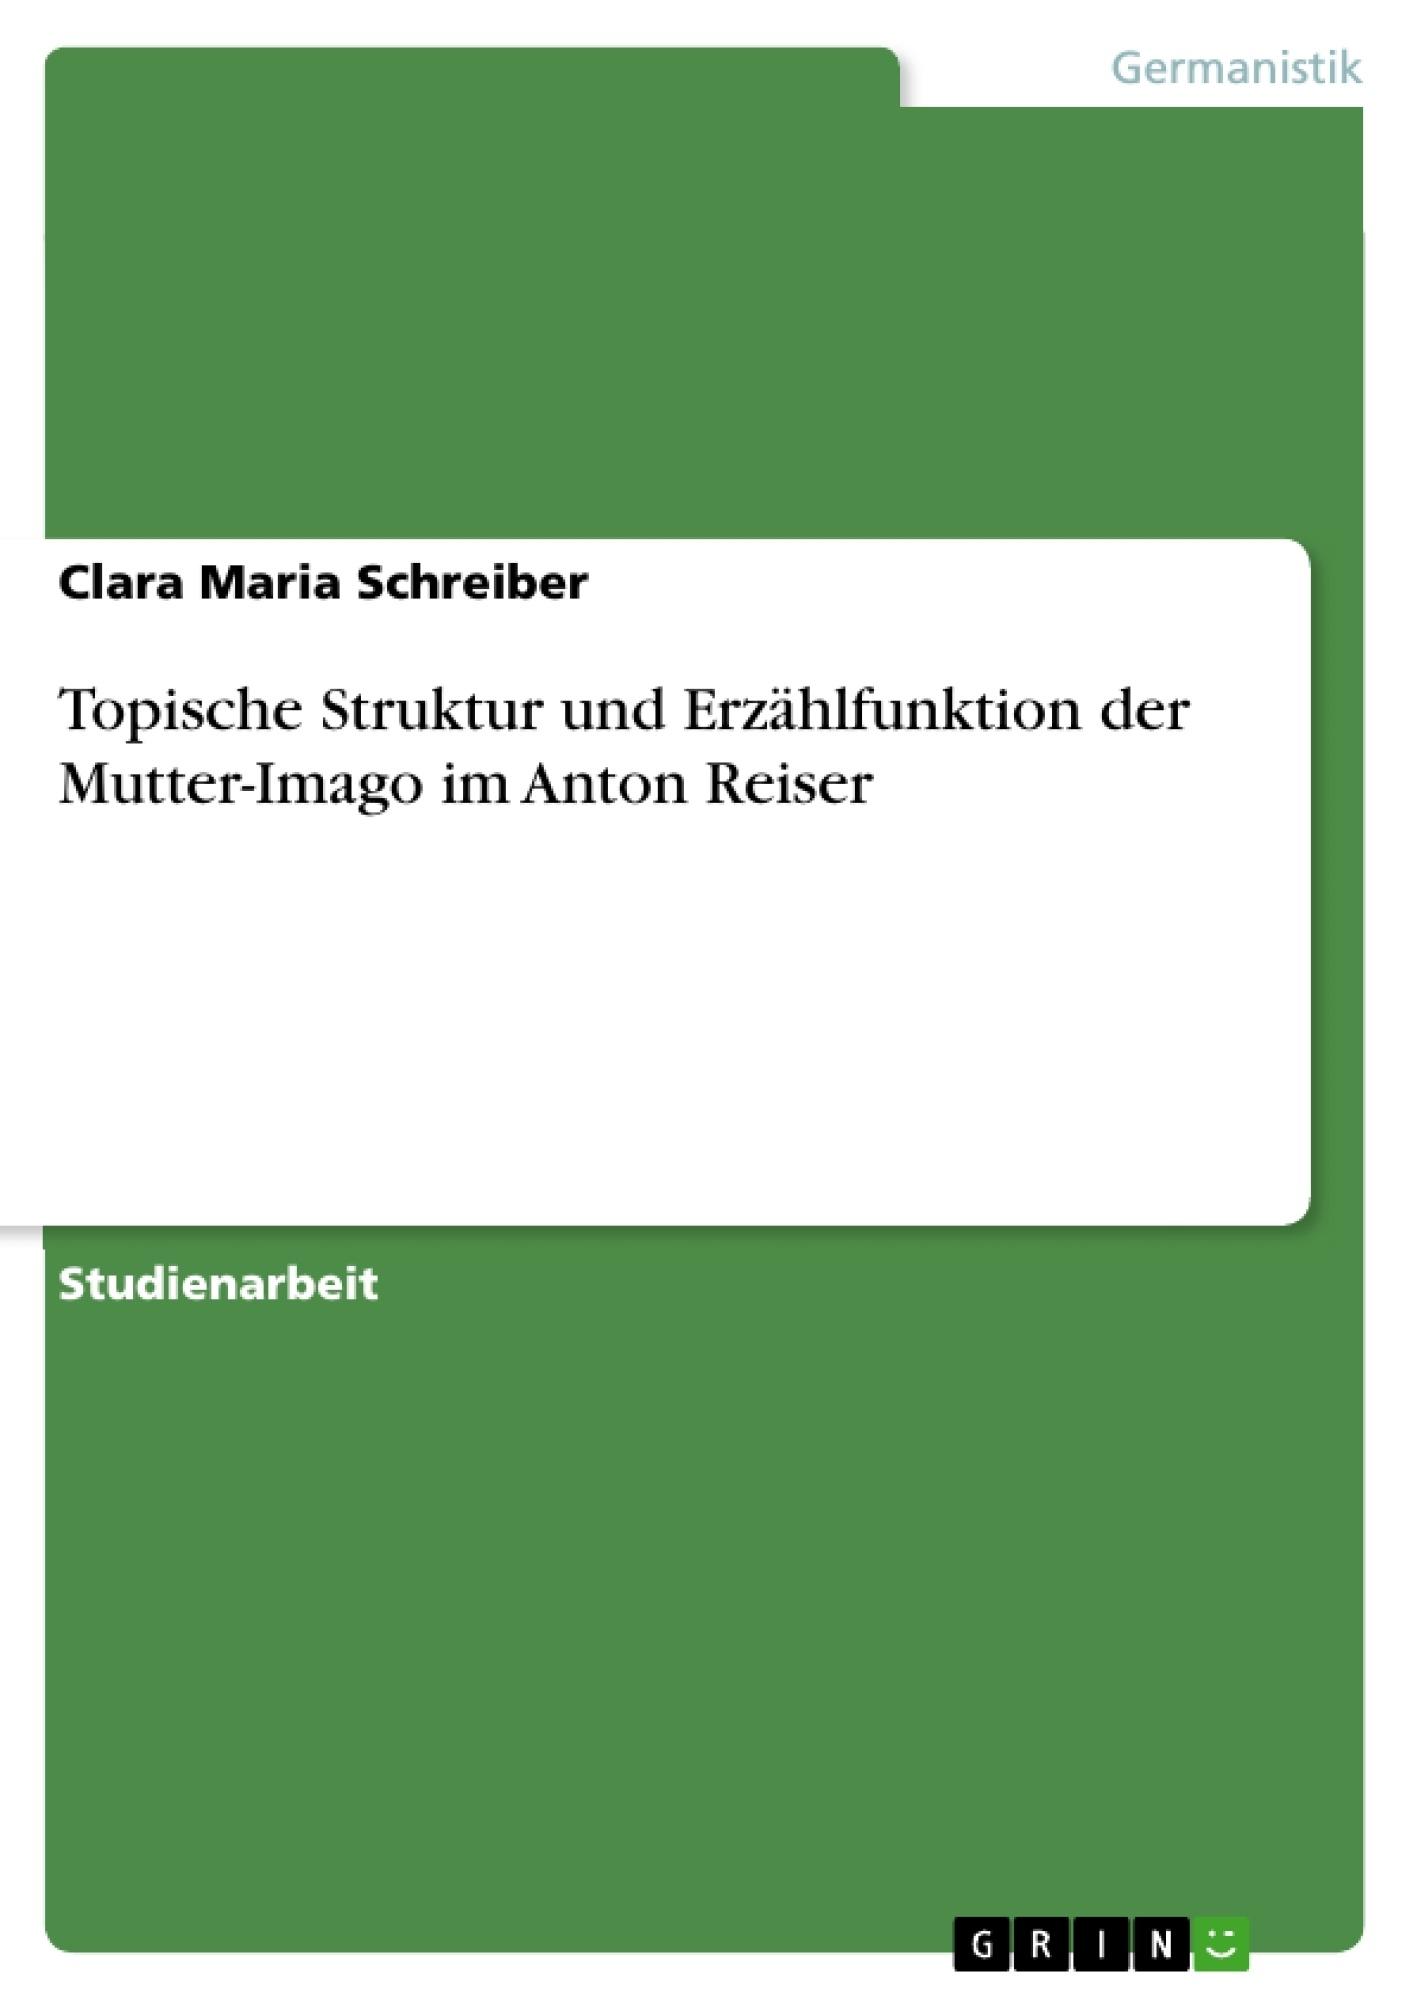 Titel: Topische Struktur und Erzählfunktion der Mutter-Imago im Anton Reiser